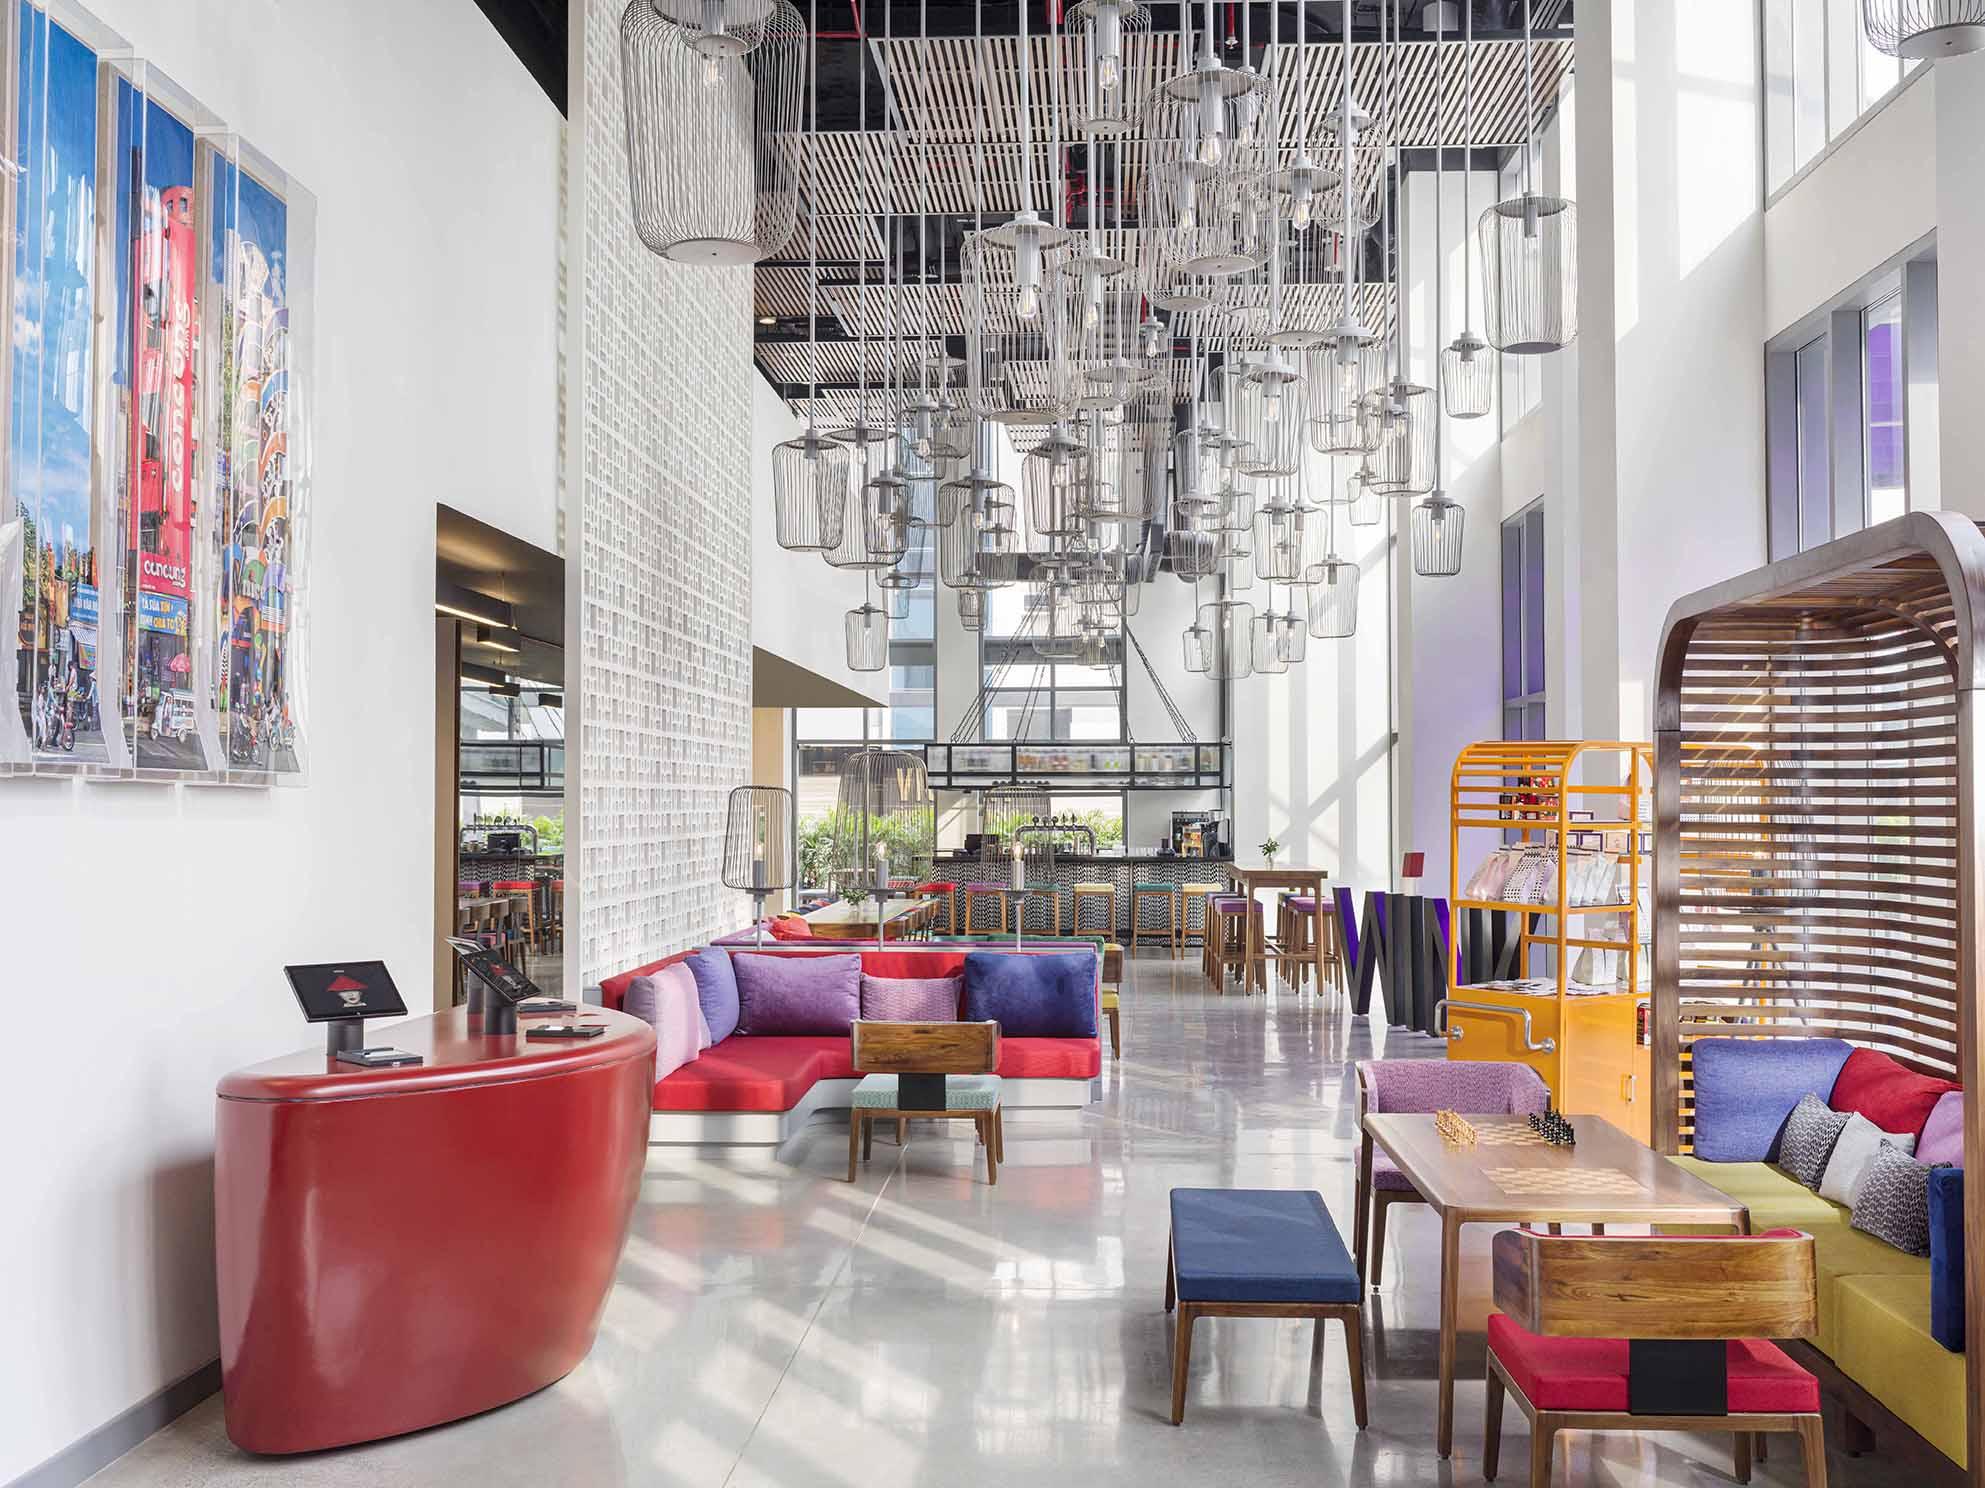 không gian khách sạn Wink Hotels